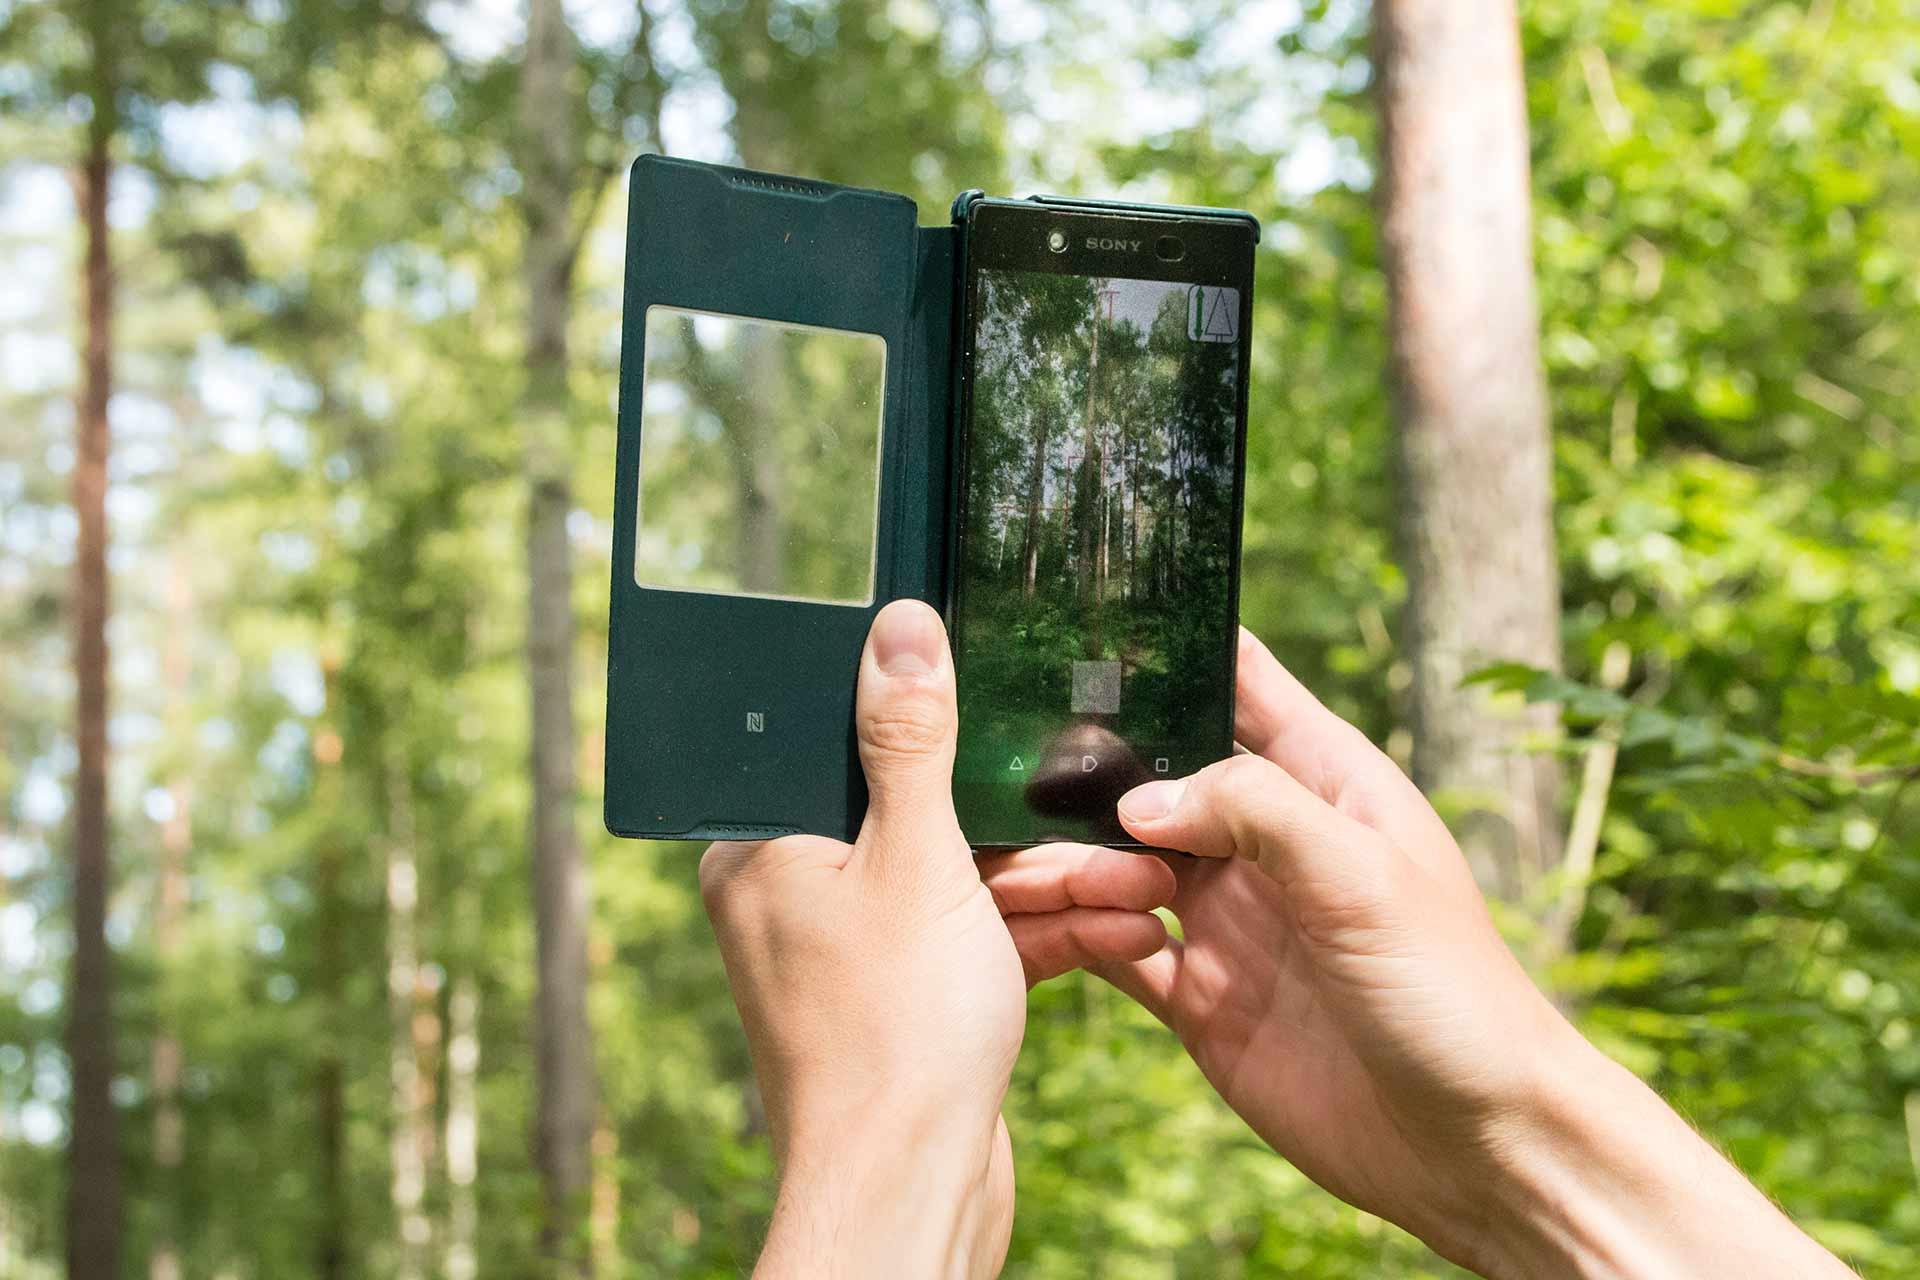 Trestima Oy - Metsänmittausjärjestelmä, metsänmittaus pilvipalvelu